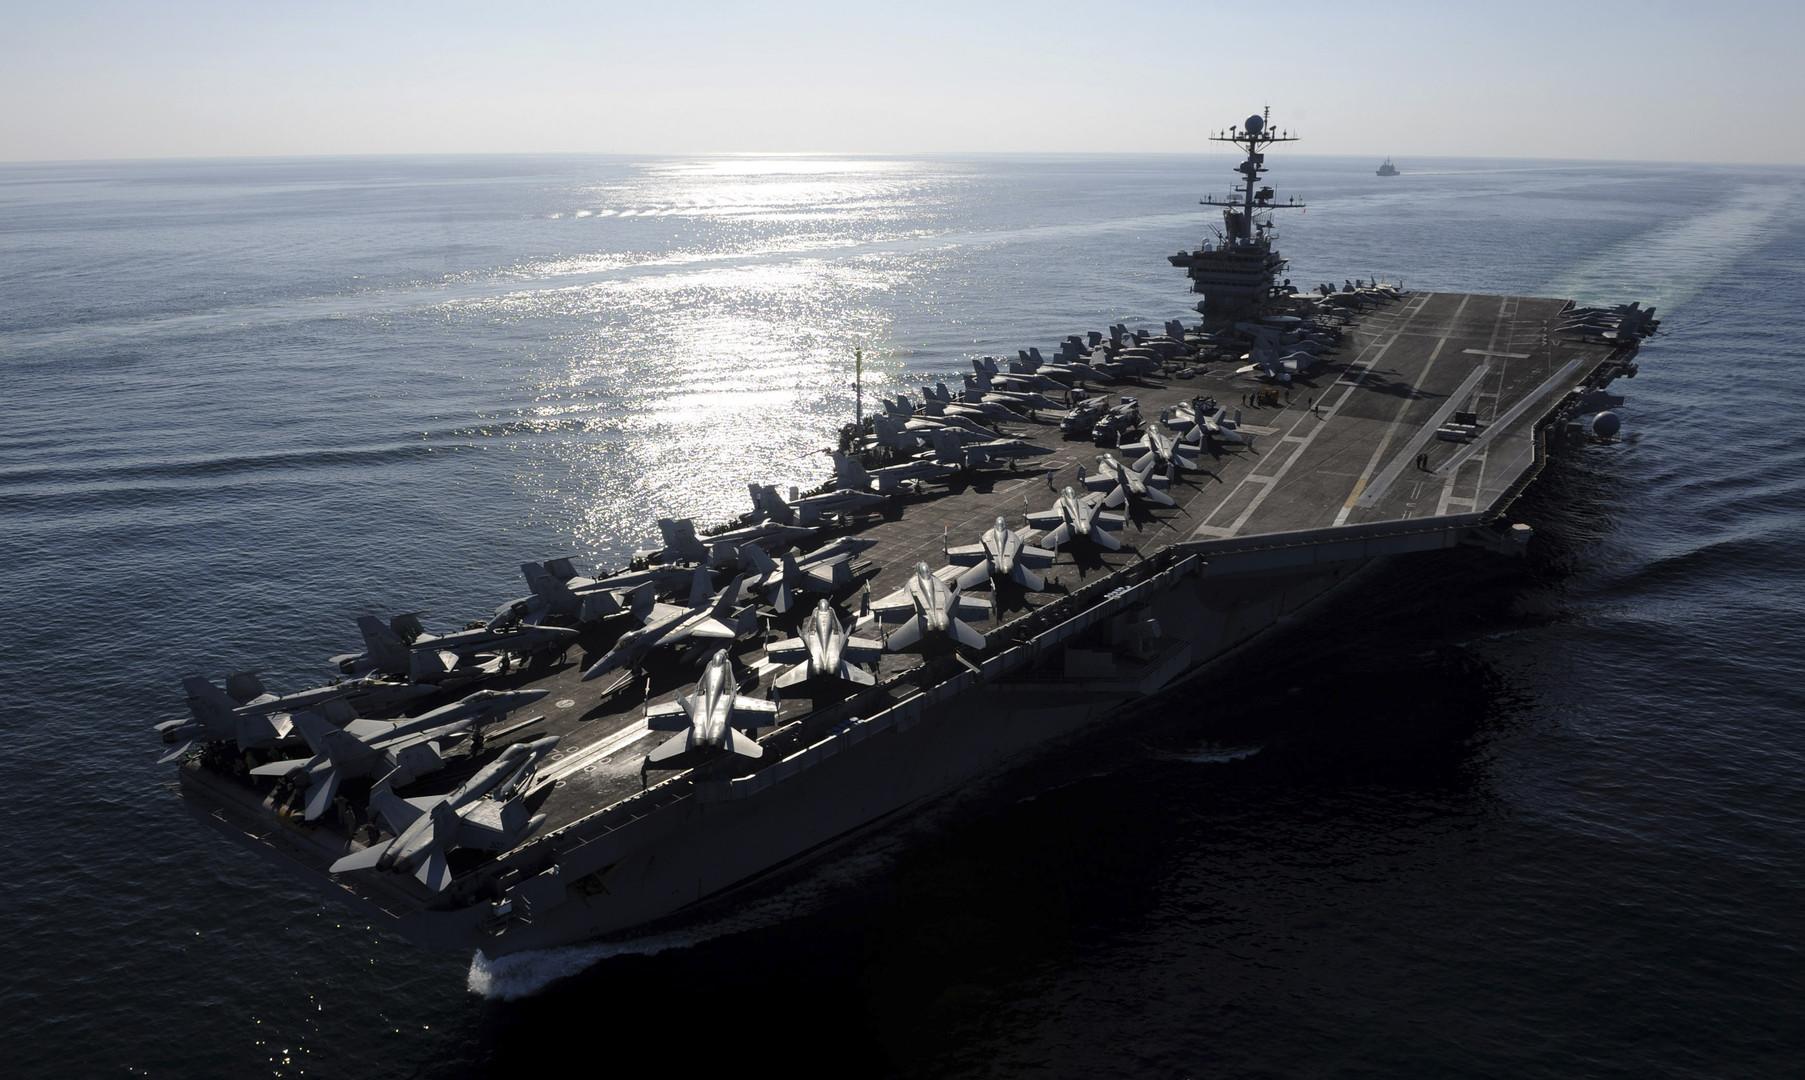 وكالة إيرانية: هكذا سيكون الرد العسكري الإيراني على عدوان أمريكي محتمل..(فيديو)